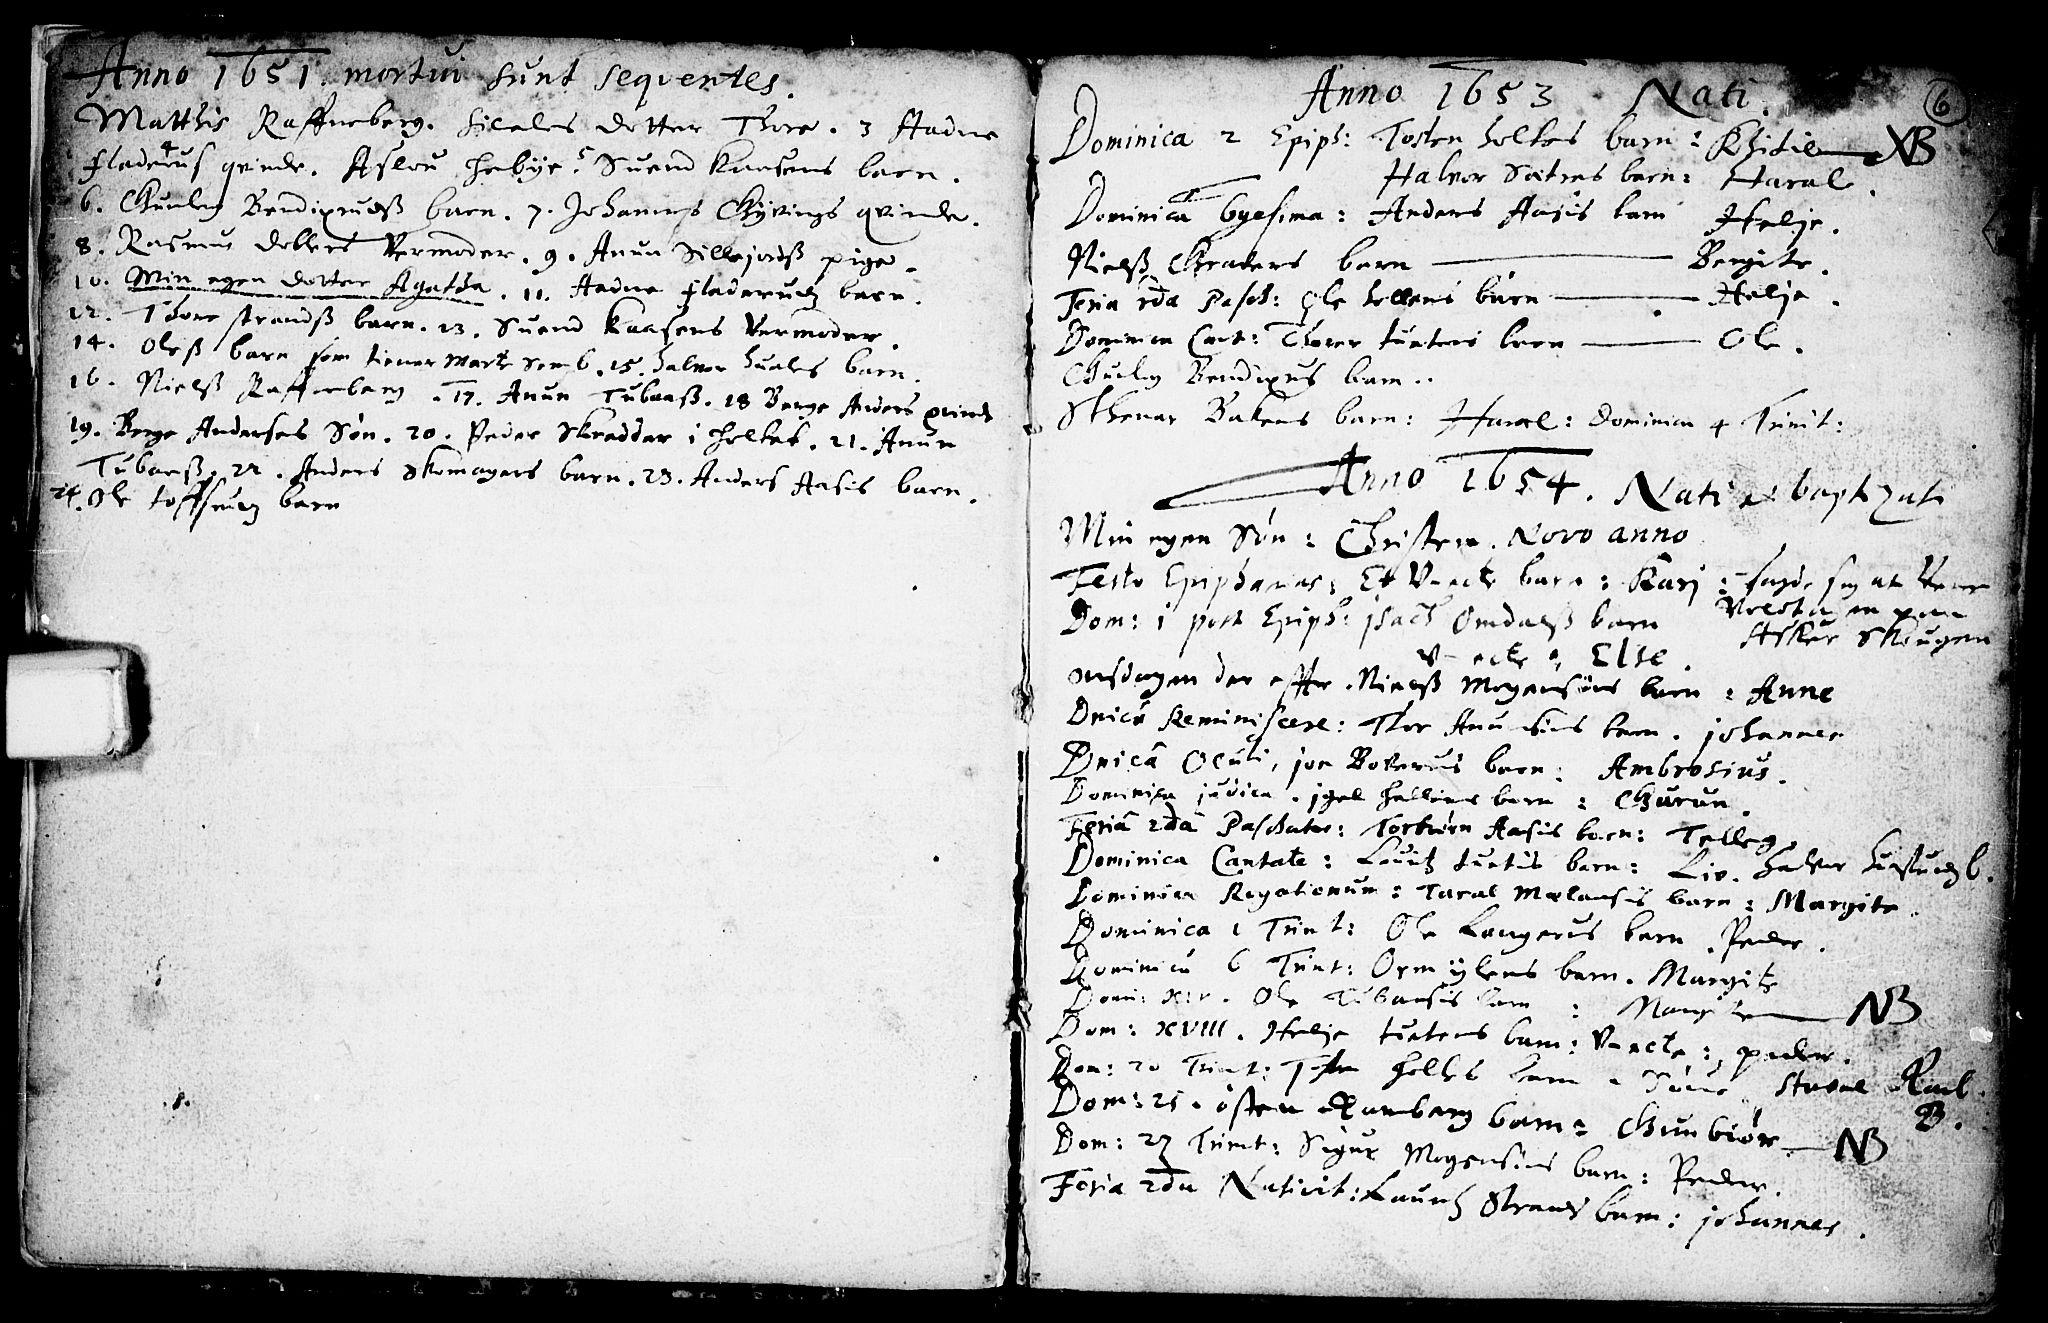 SAKO, Heddal kirkebøker, F/Fa/L0001: Ministerialbok nr. I 1, 1648-1699, s. 6